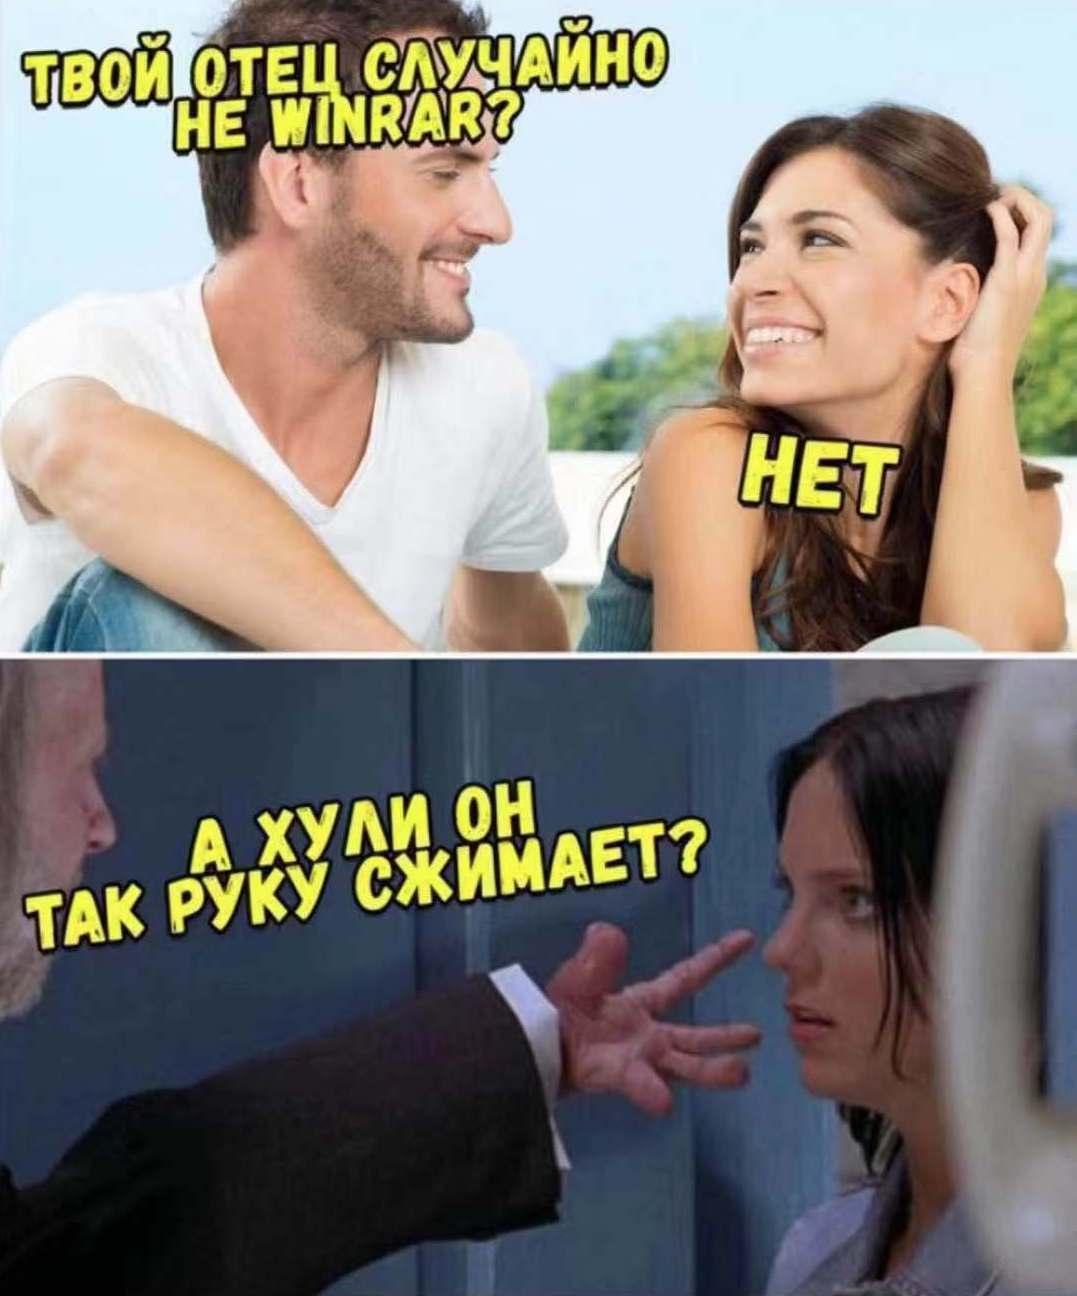 patsani-trogayut-drug-druga-smotret-trahayut-tolok